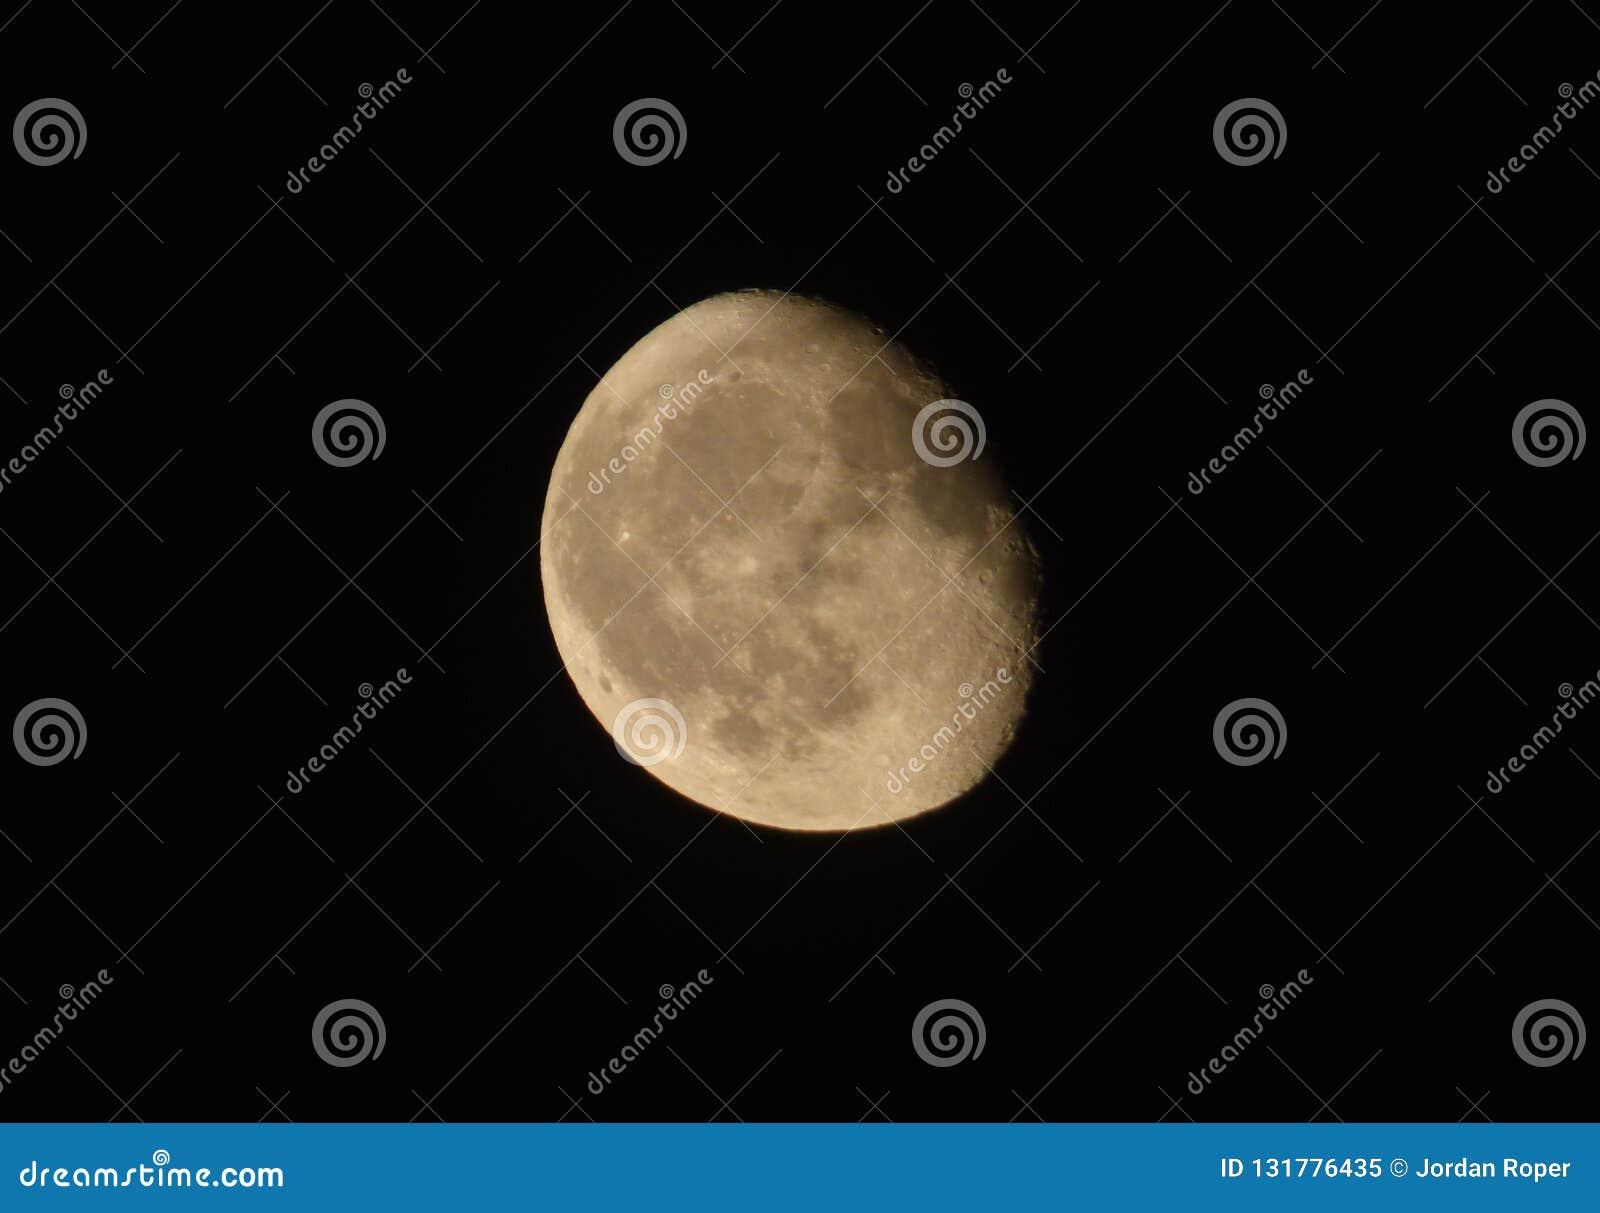 Clôturez la photographie de la lune, la lune est un corps celeste qui satellise la terre de planète, étant seul naturel permanent